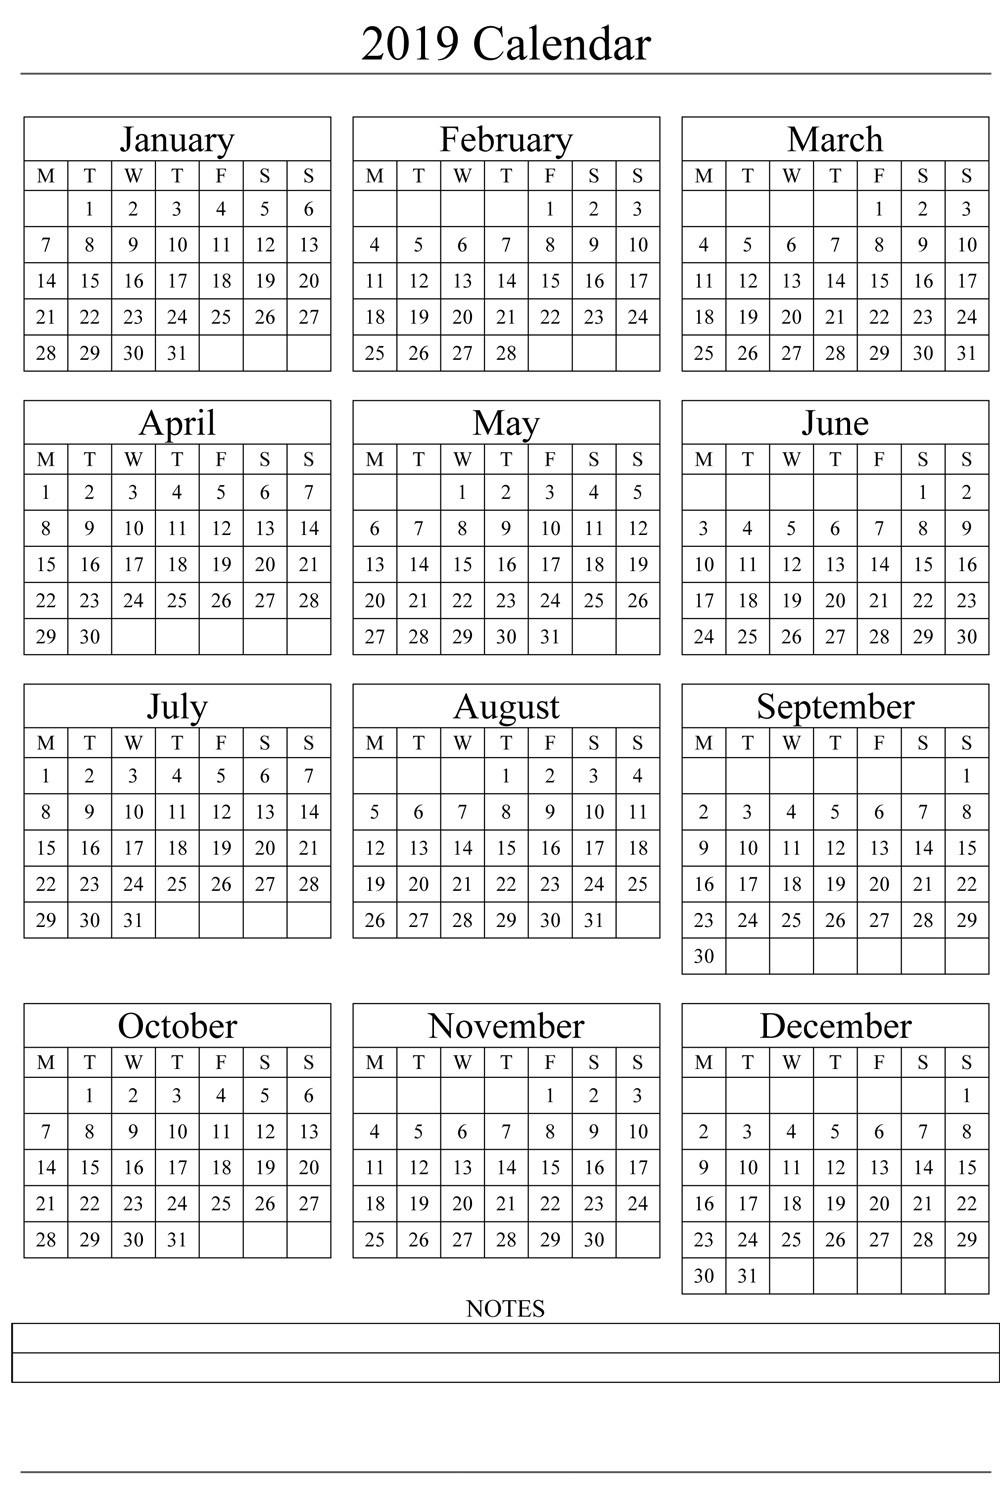 Small Printable 2019 Calendar 2019 Printable Calendar Templates [free]